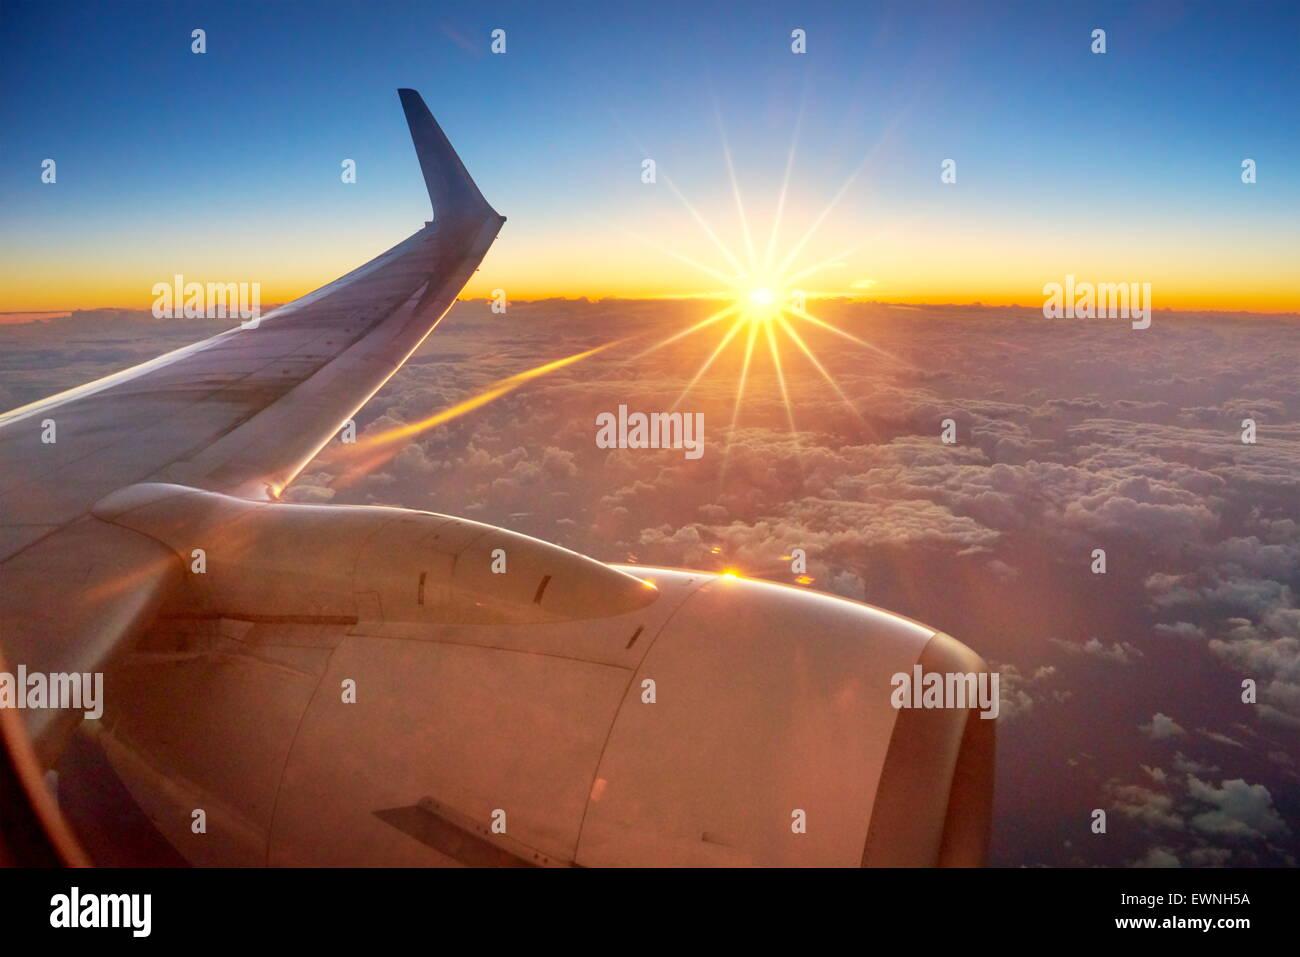 Puesta de sol vista desde la ventana del avión Imagen De Stock